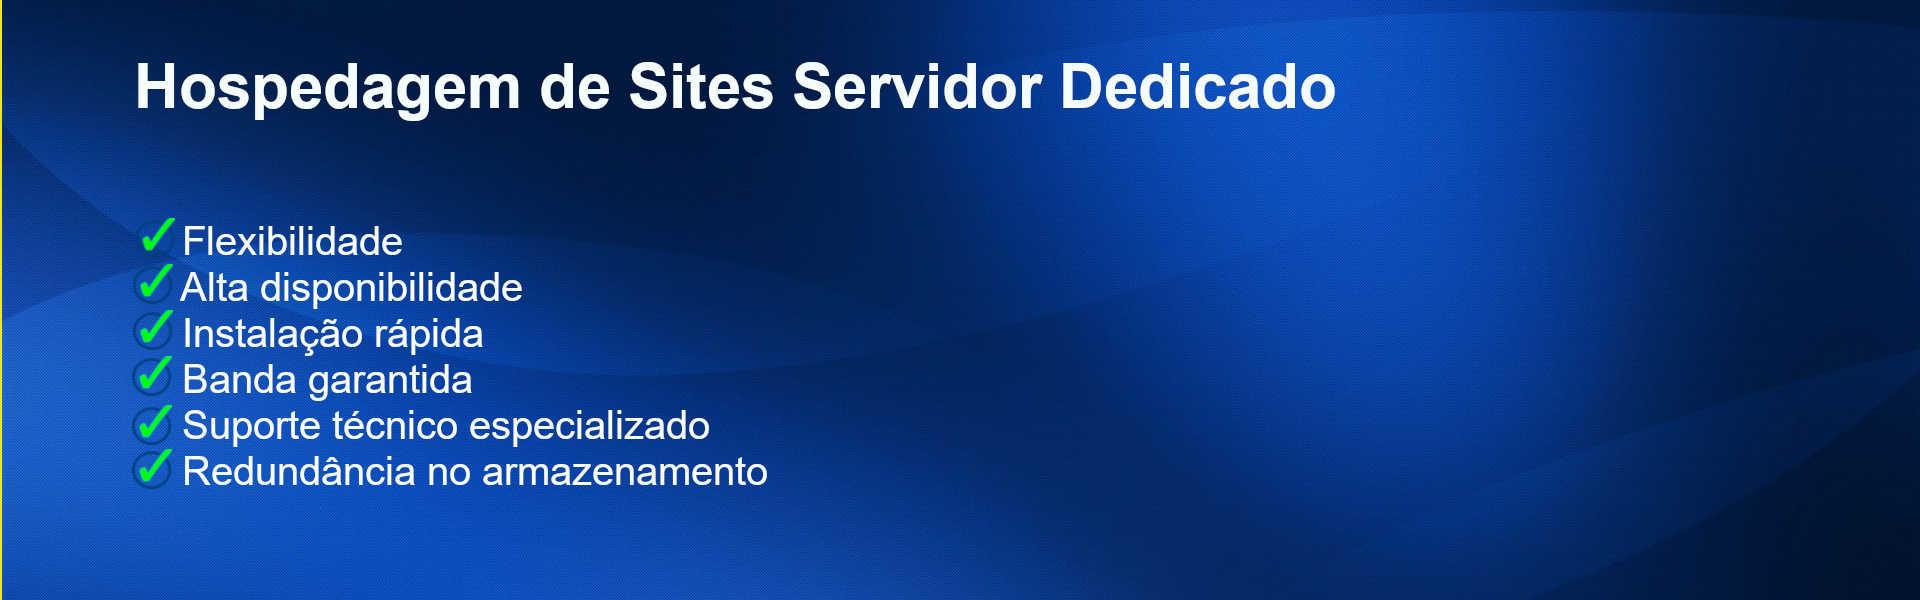 Hospedagem de Site e Servidor Dedicado